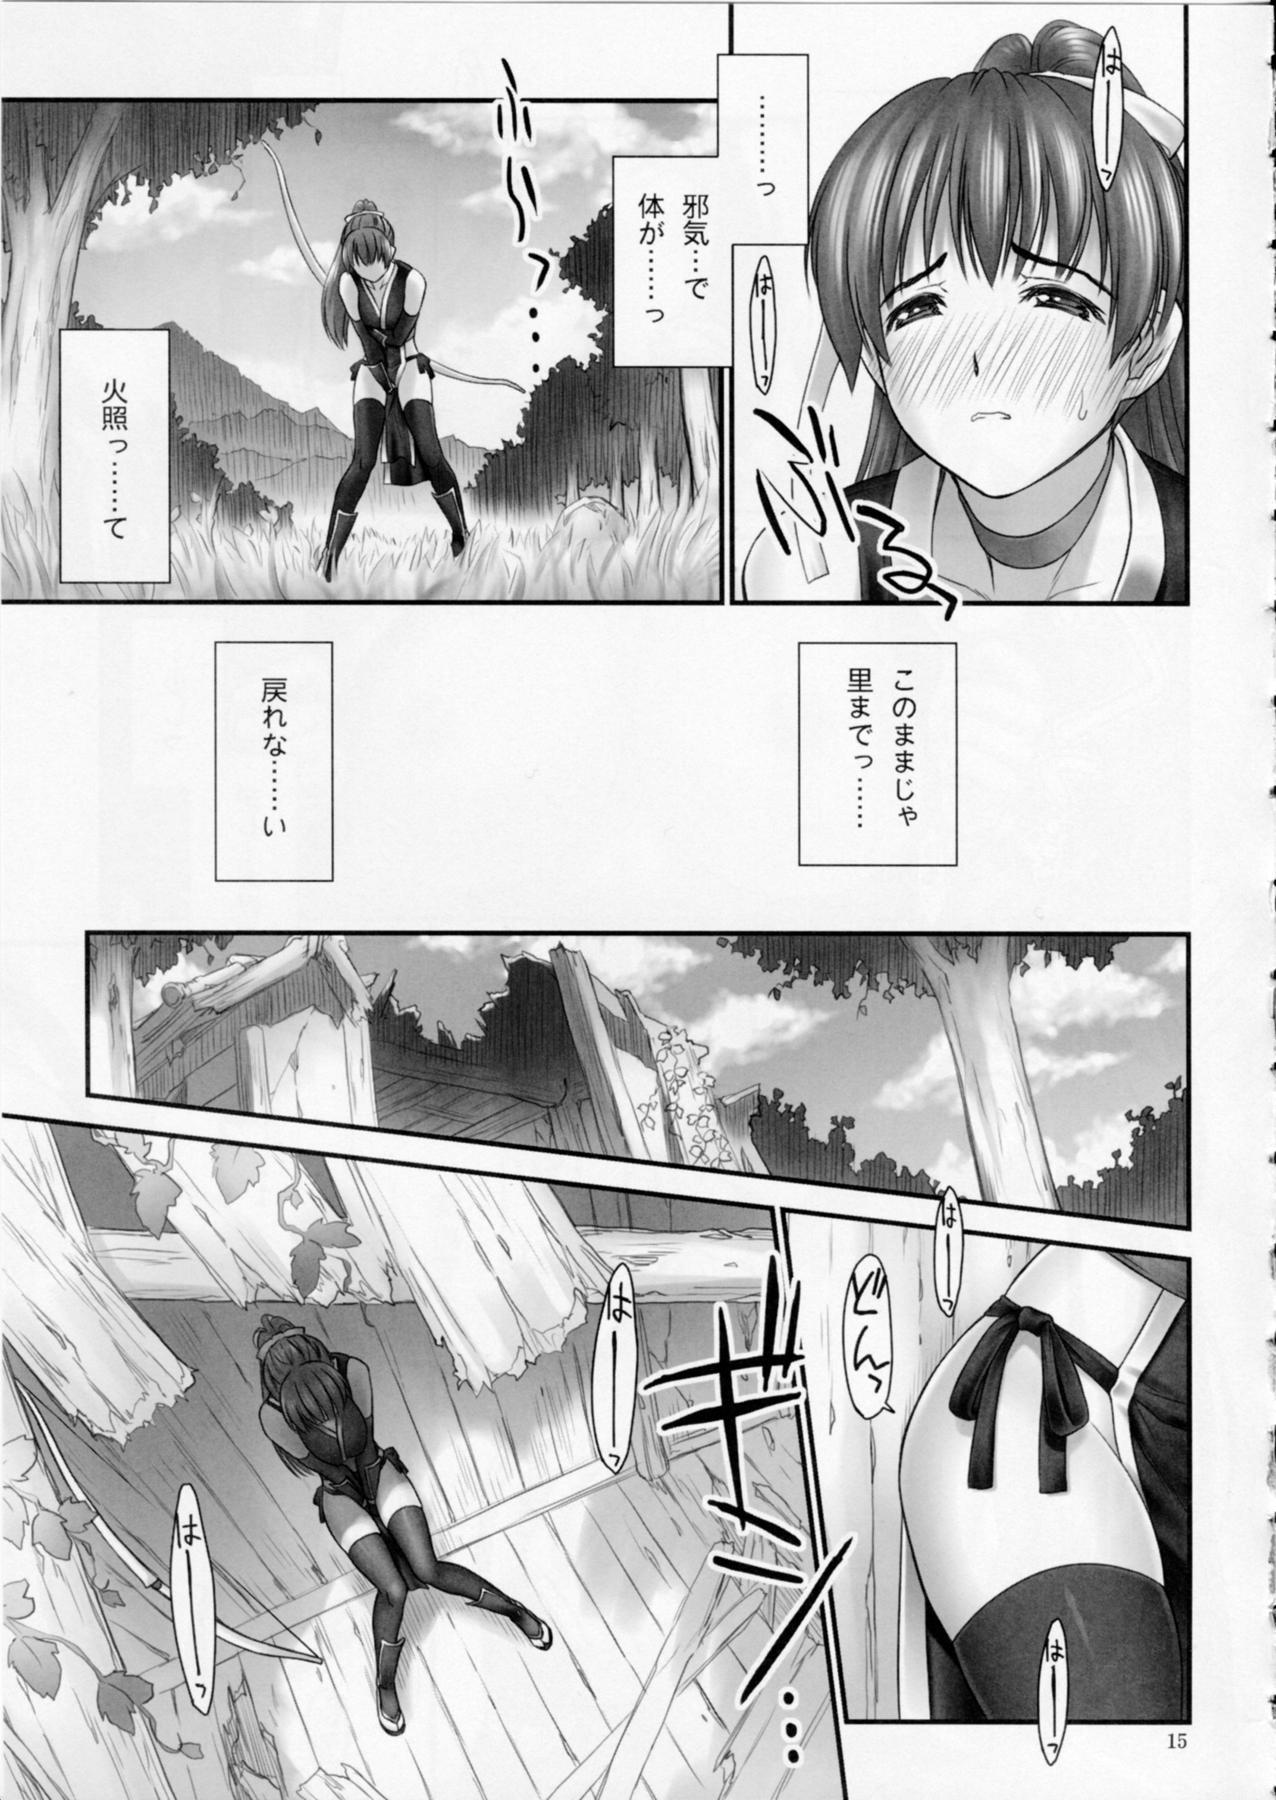 Toukiden Vol.1 13